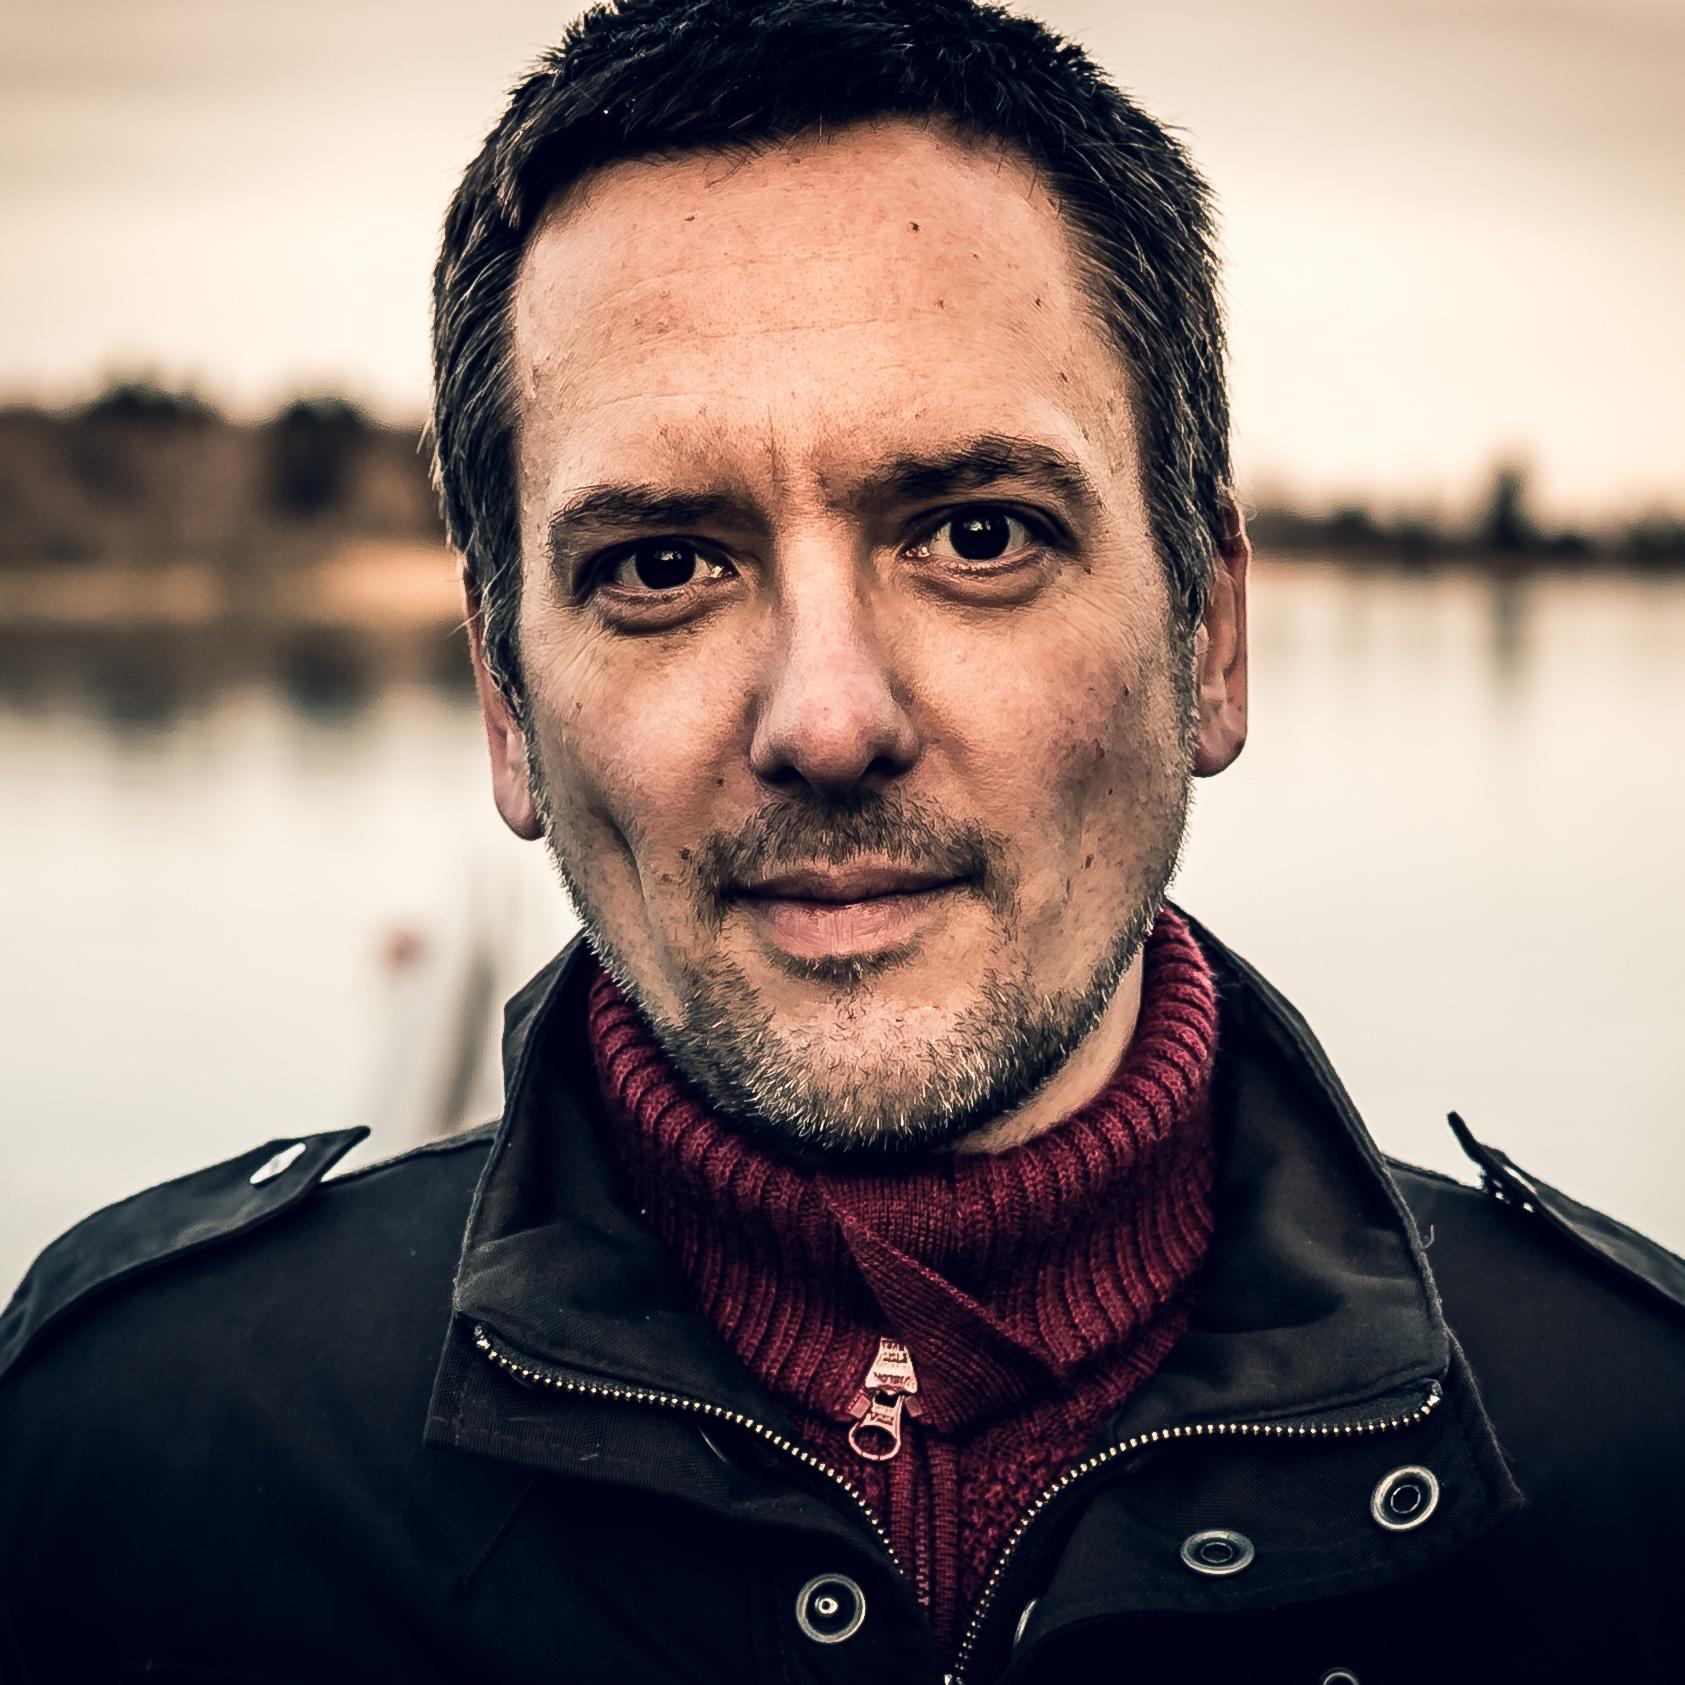 Christoph Sebastian Pabst